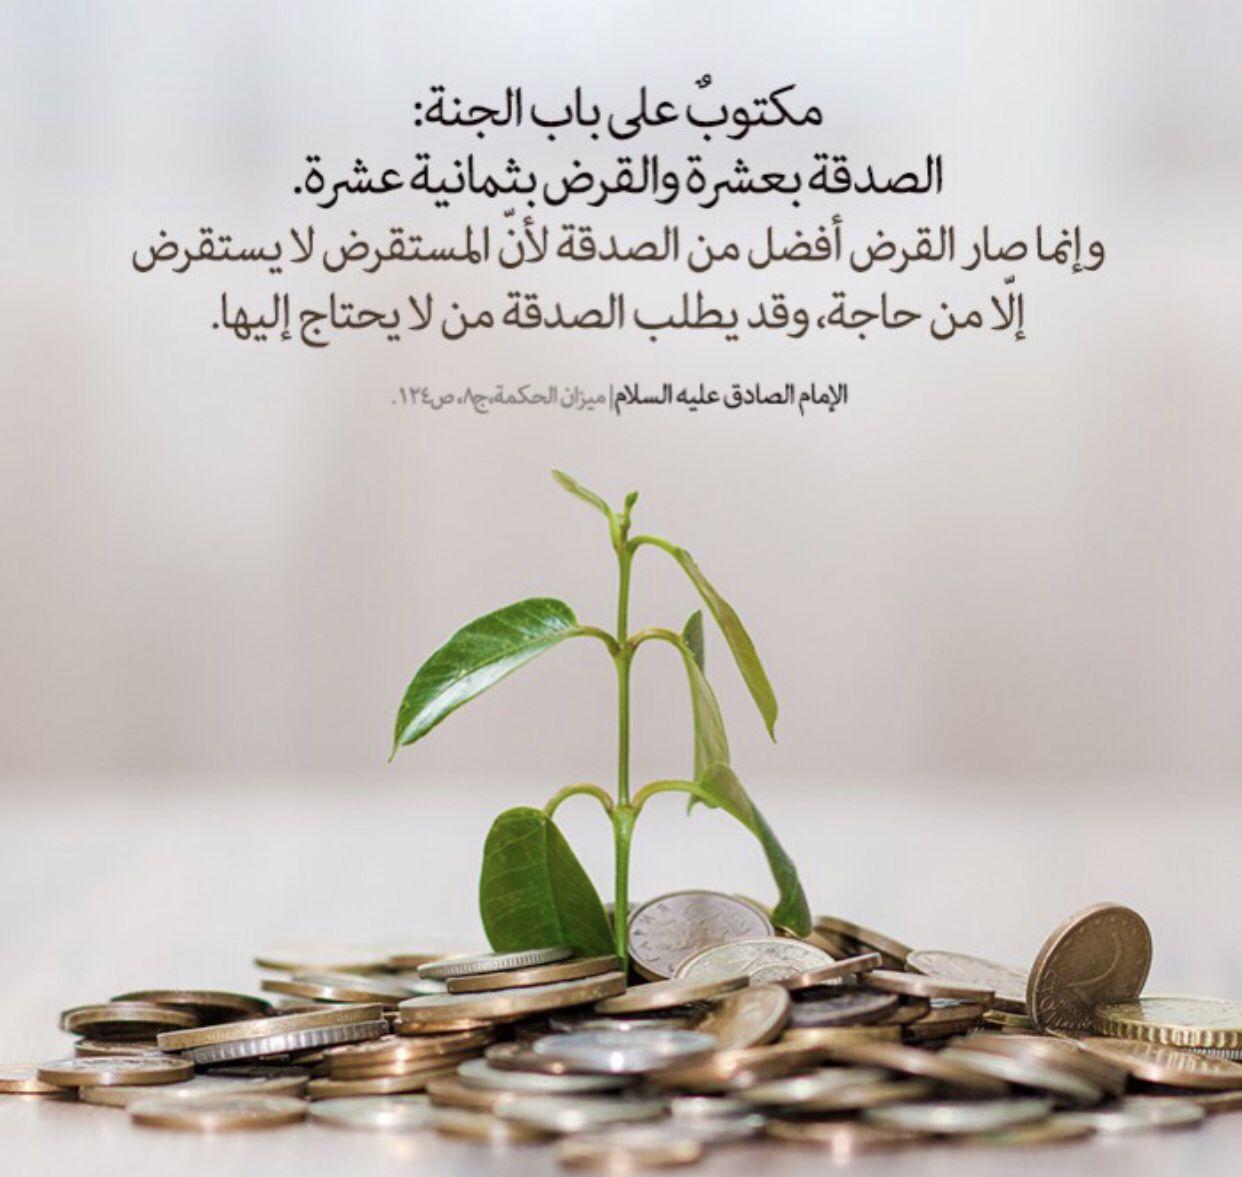 اقوال الامام علي ع Place Card Holders Imam Ali Quotes Proverbs Quotes